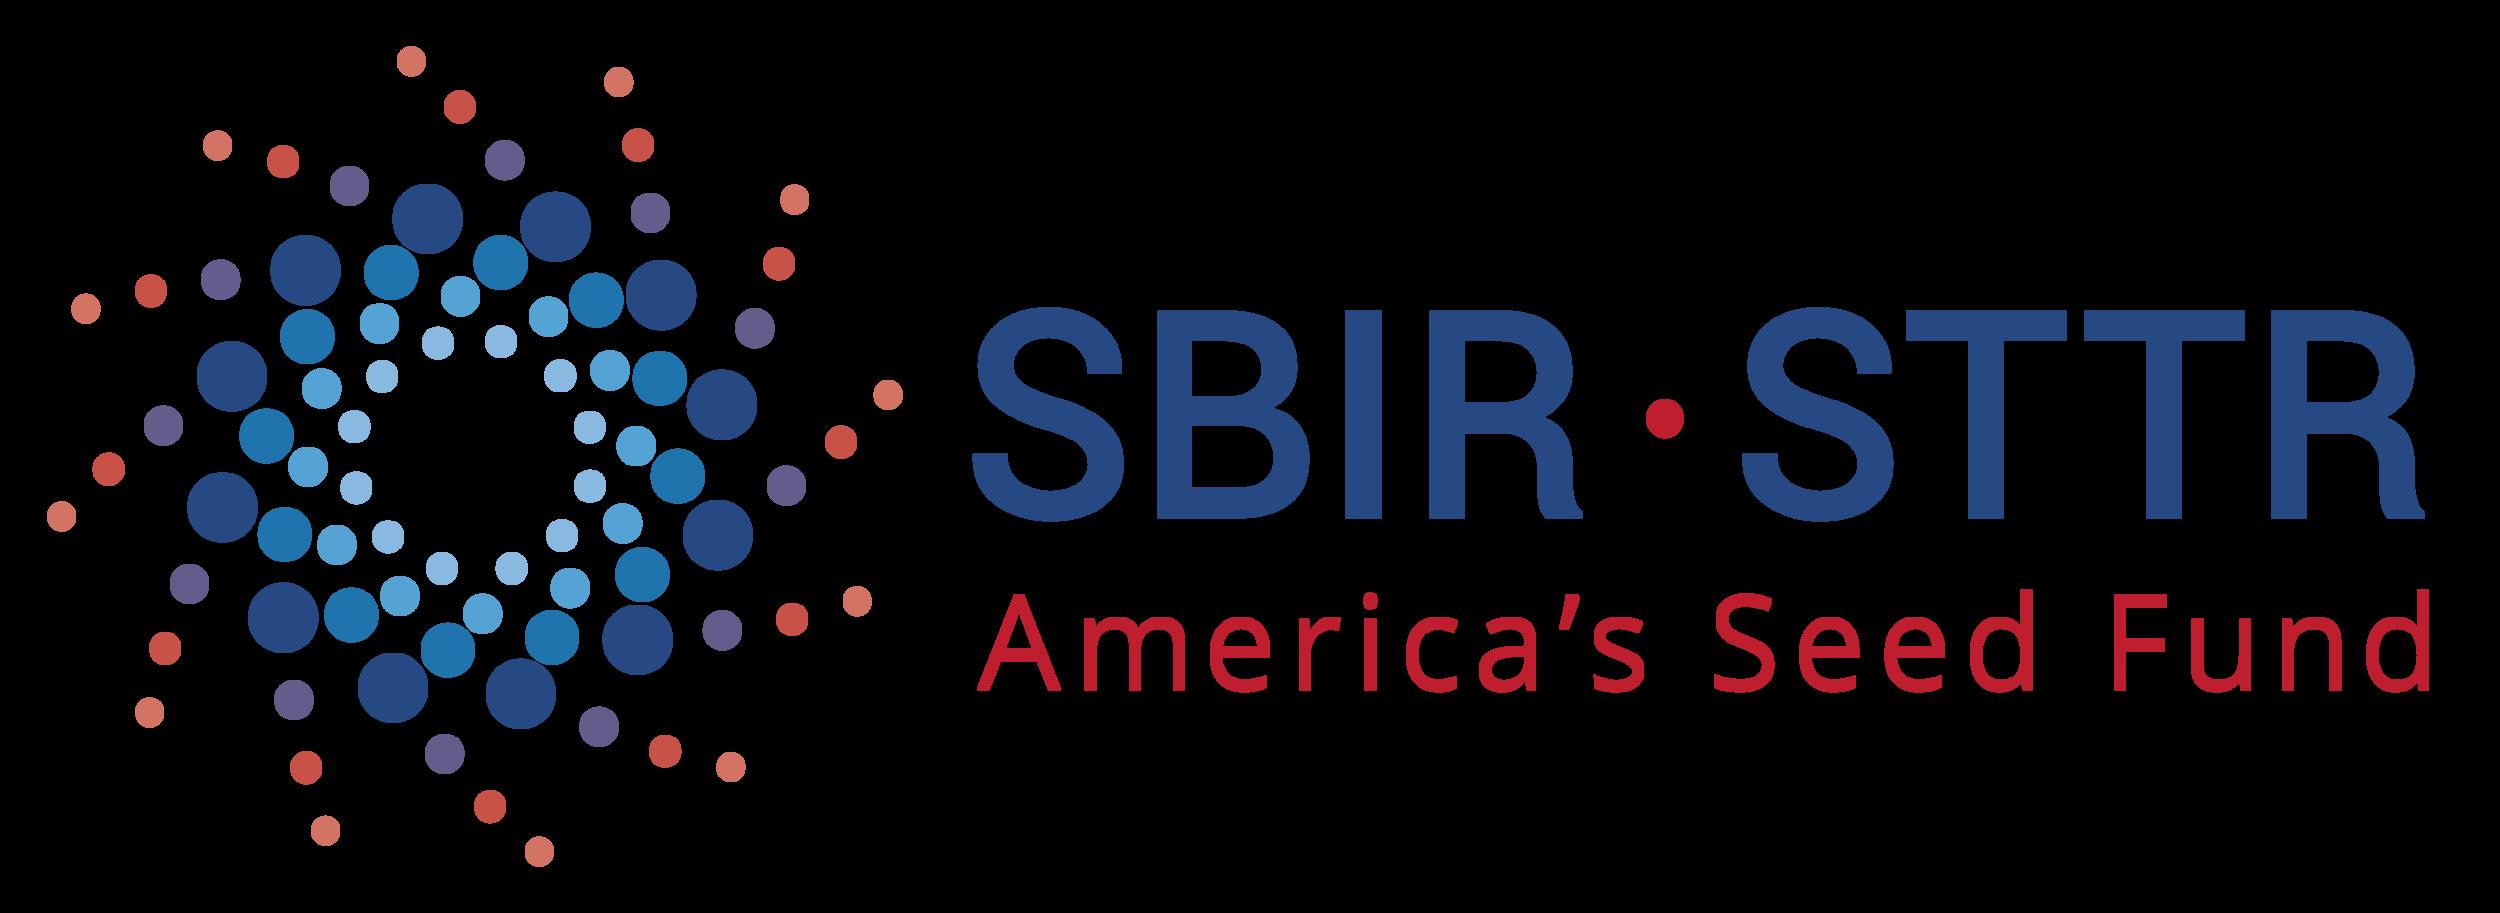 SBIR_STTR_hires (1).png